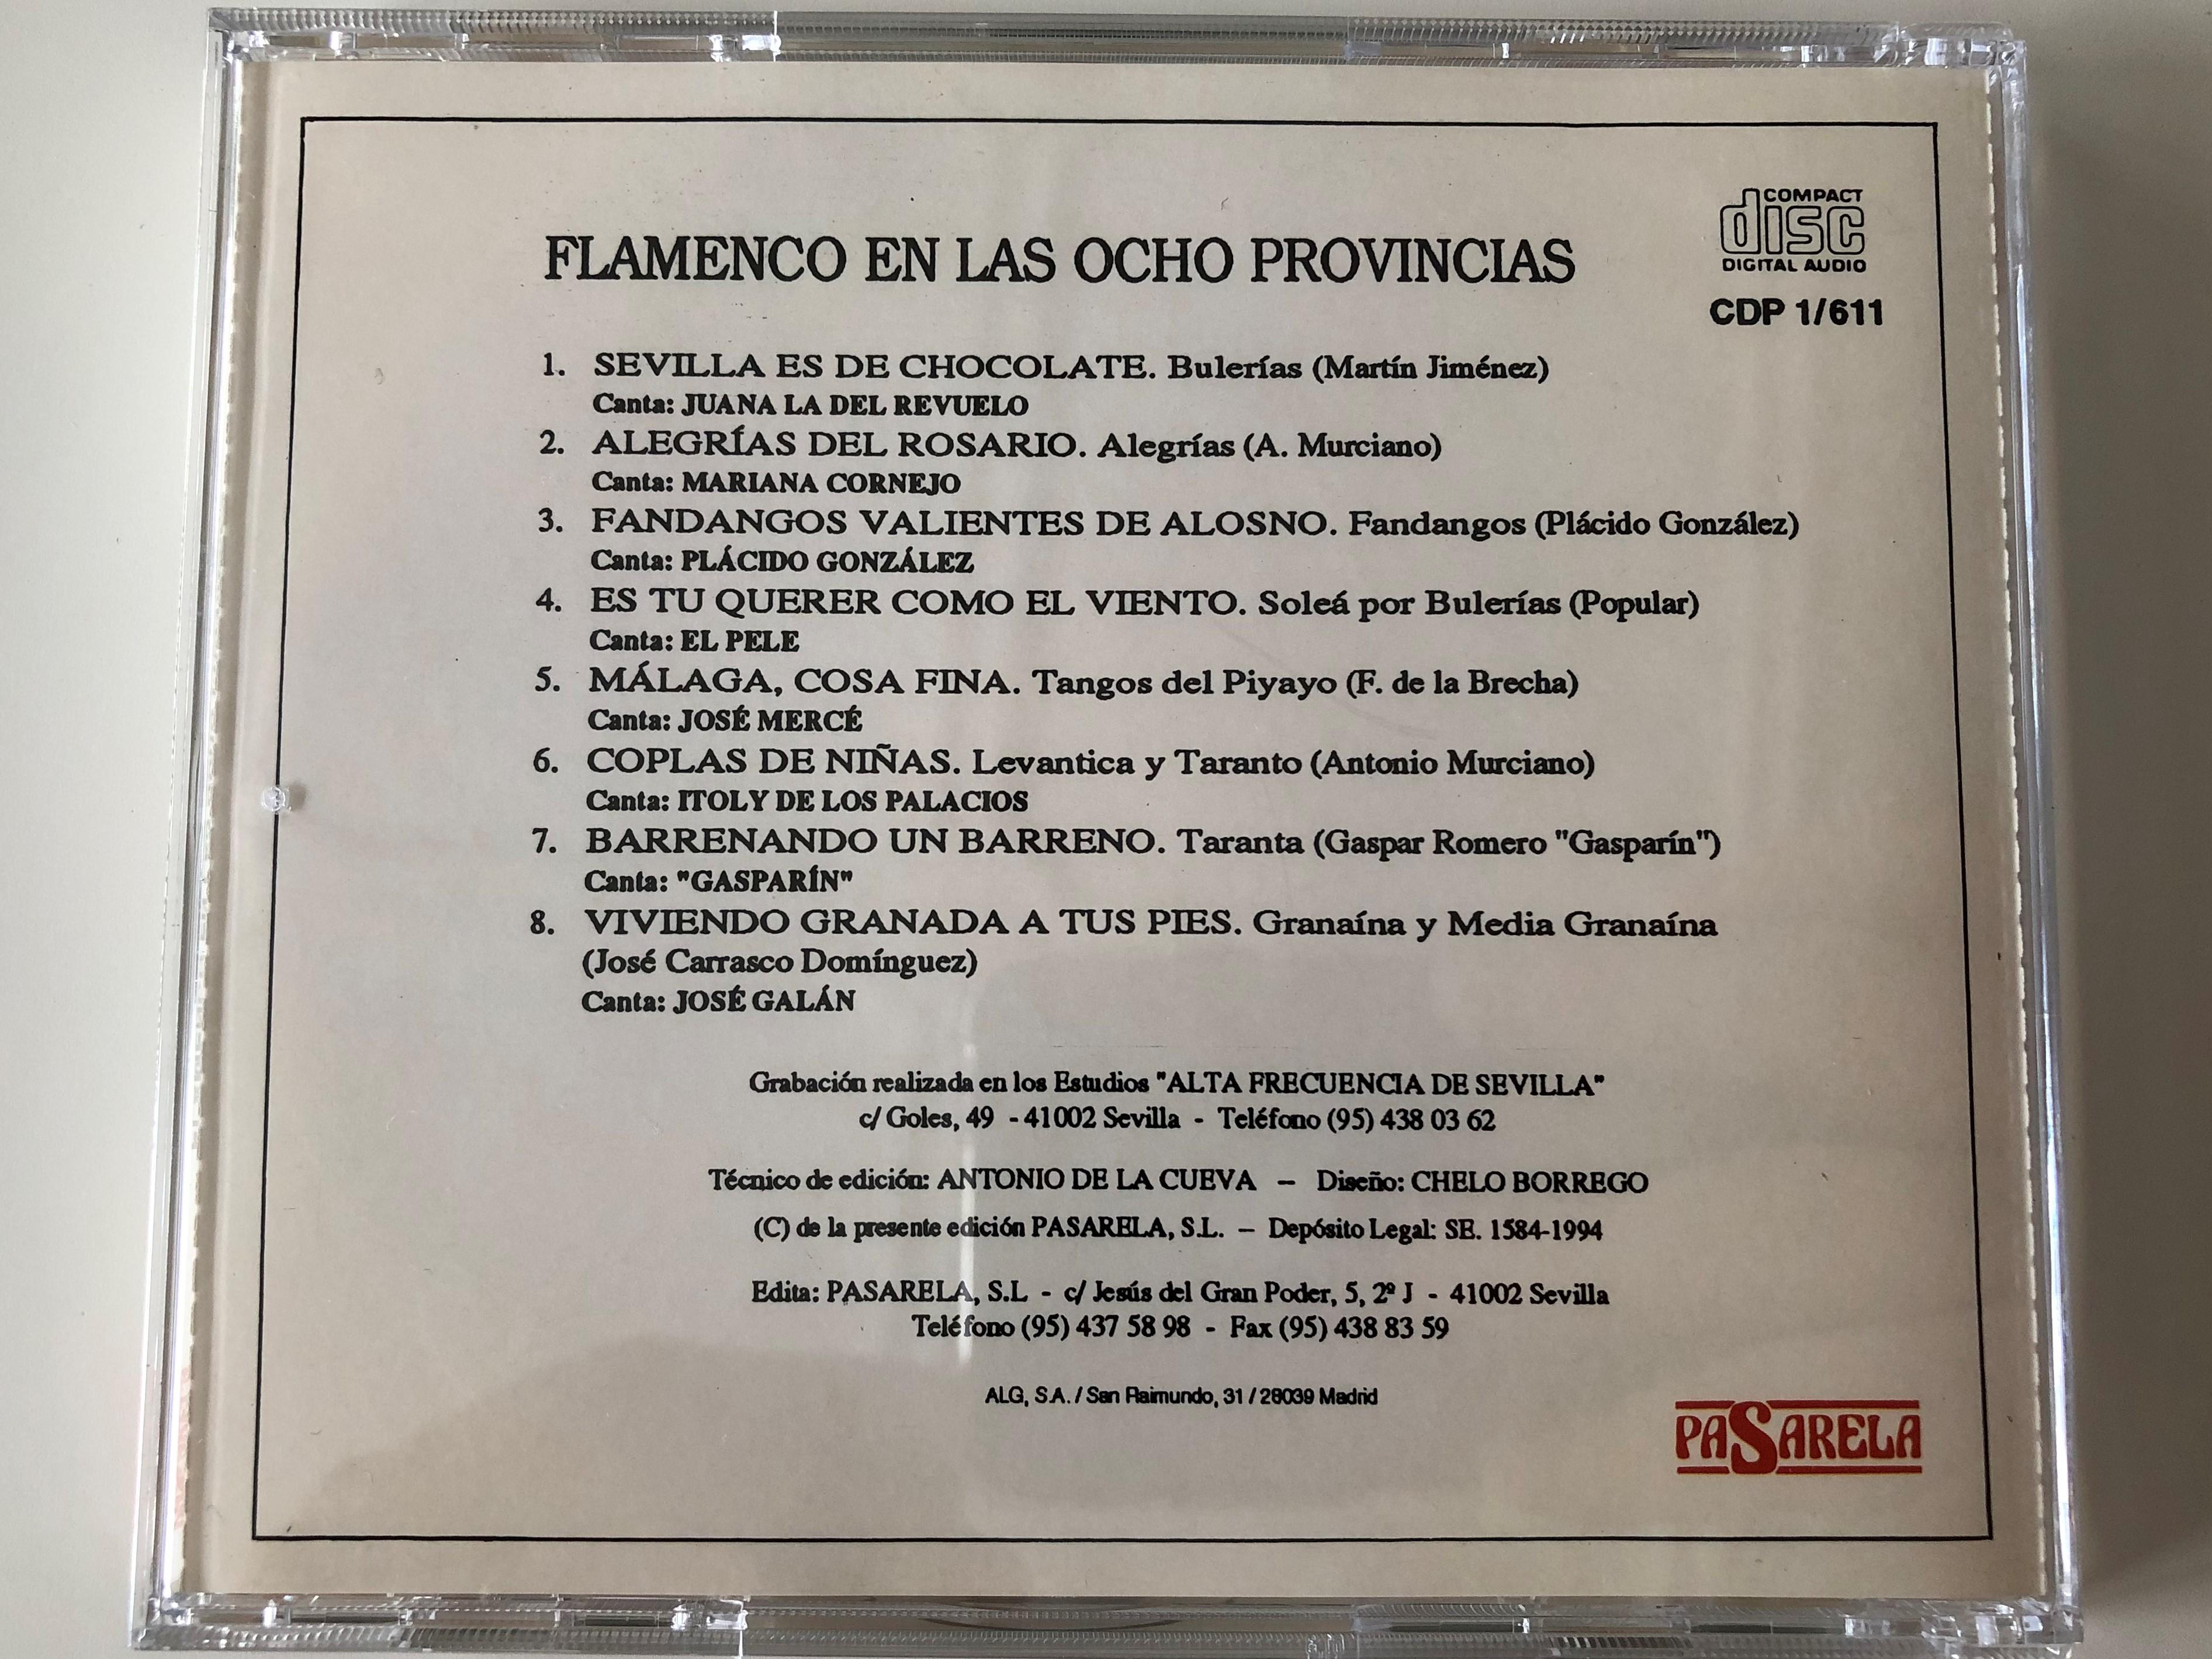 -flamenco-en-las-ocho-provincias-andaluzas-pasarela-audio-cd-cdp-1611-4-.jpg